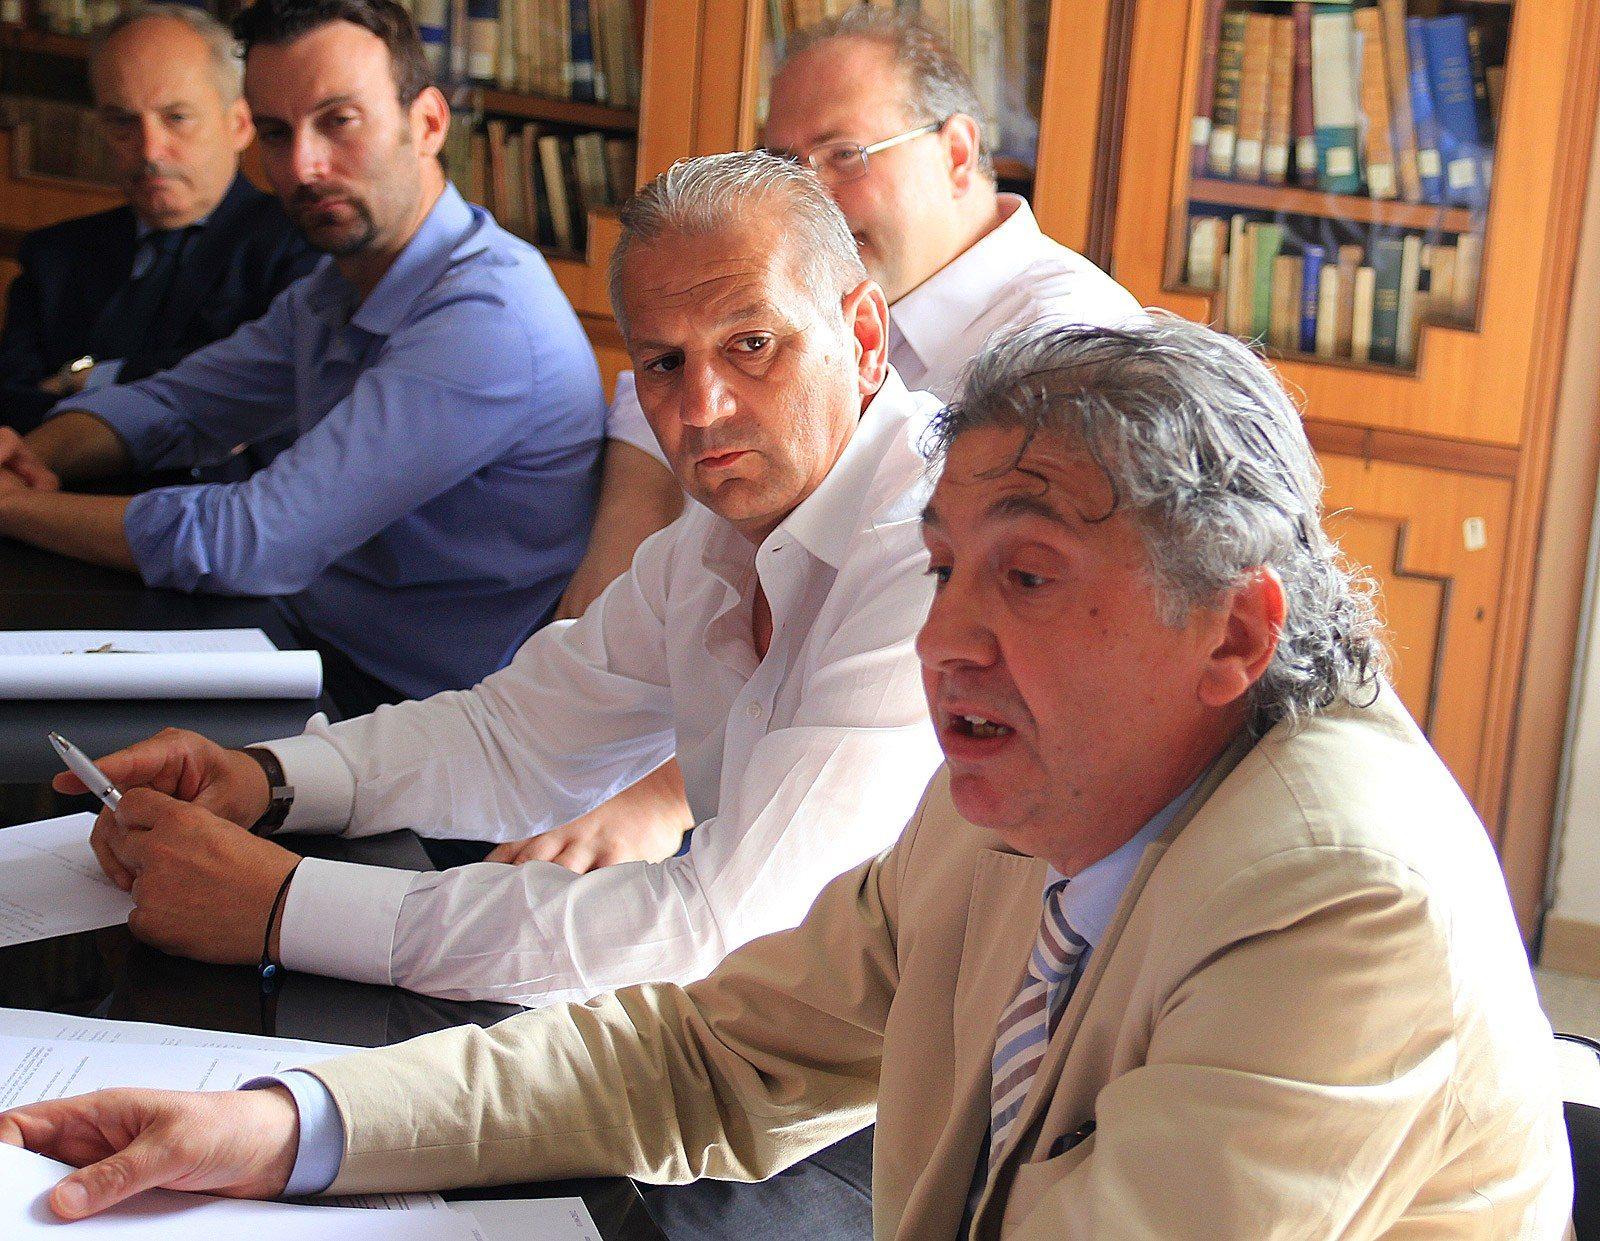 ordine degli avvocati incontra i politici per salvare il tribunale (3)